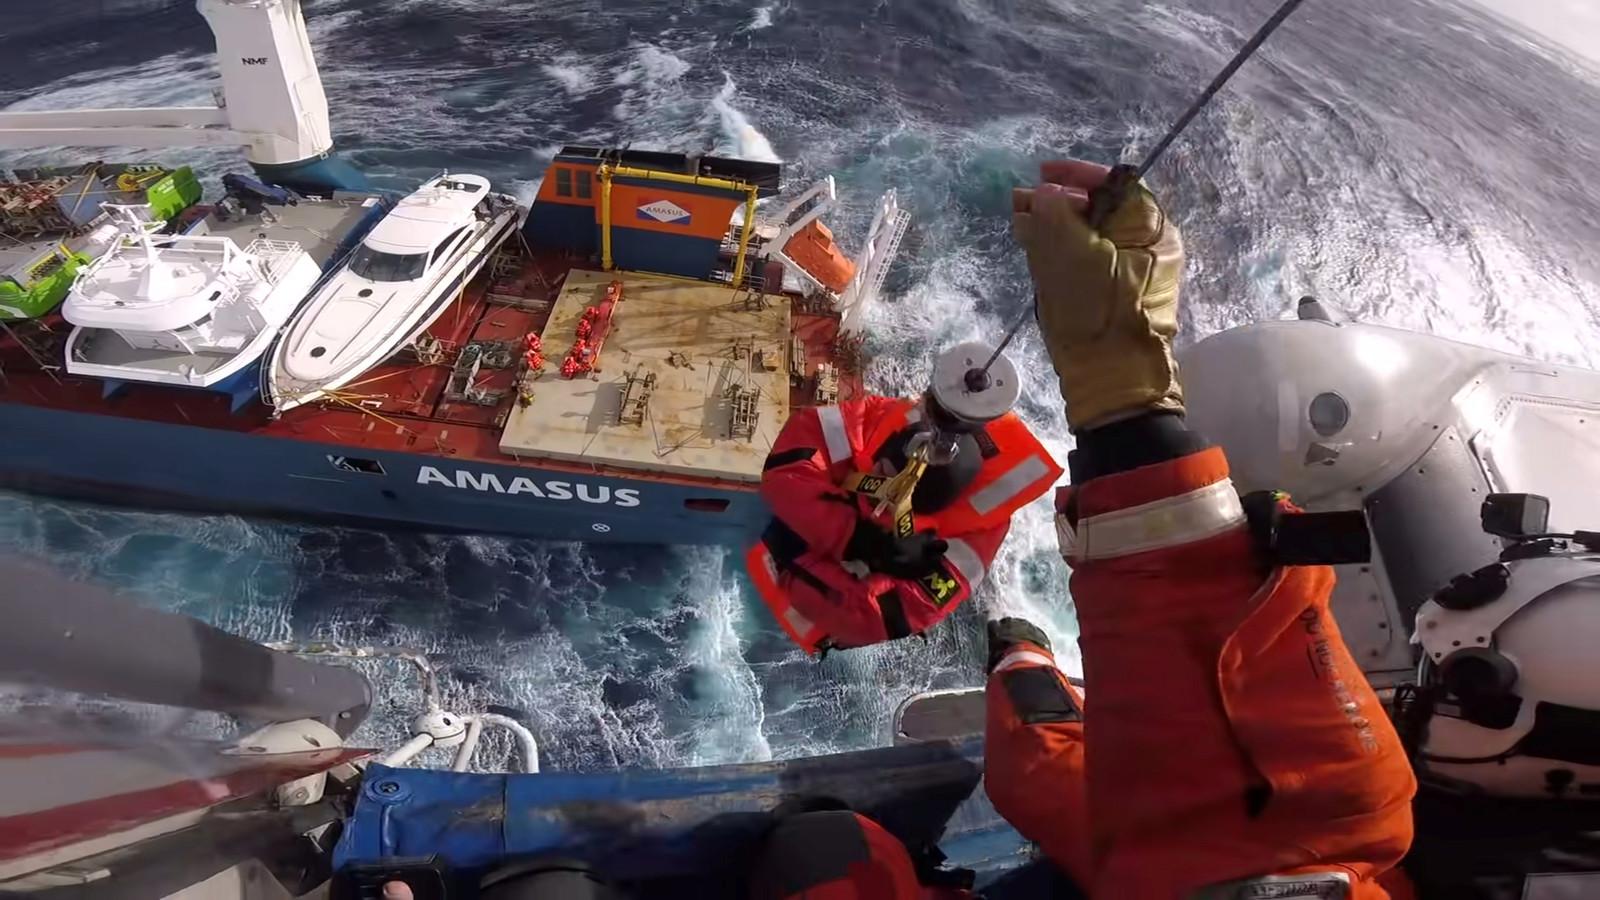 Beelden van een hoofdcamera van een reddingswerker die bemanning van het Nederlandse schip voor de kust van Noorwegen in veiligheid moest brengen.